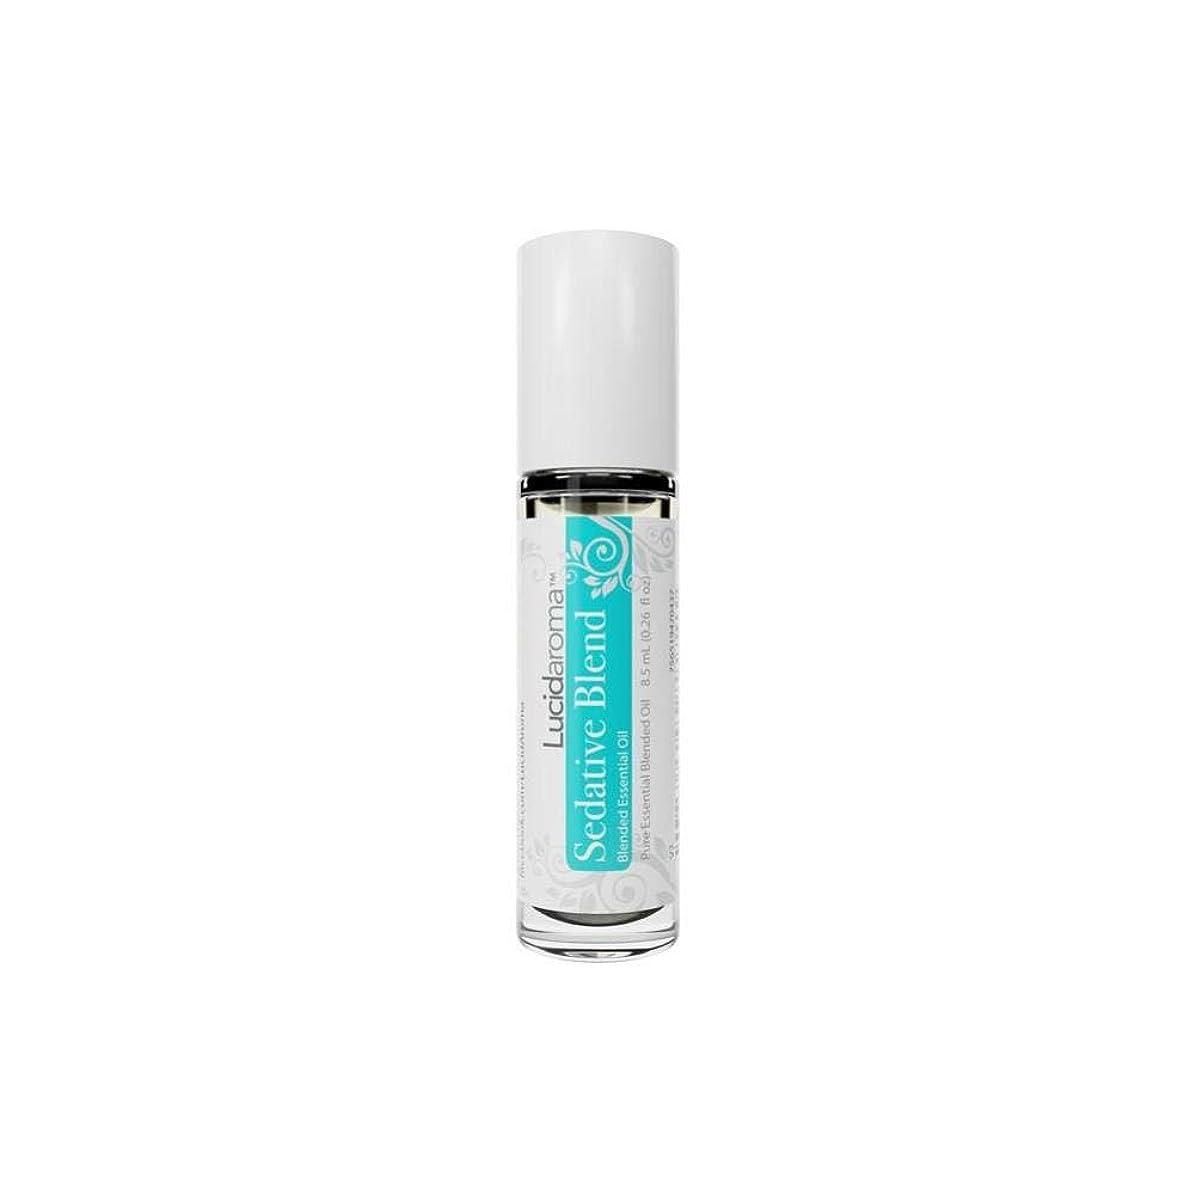 デコラティブ一致悪行Lucid Aroma Sedative Blend セダティヴ ブレンド ロールオン アロマオイル 8.5mL (塗るアロマ) 100%天然 携帯便利 ピュア エッセンシャル アメリカ製